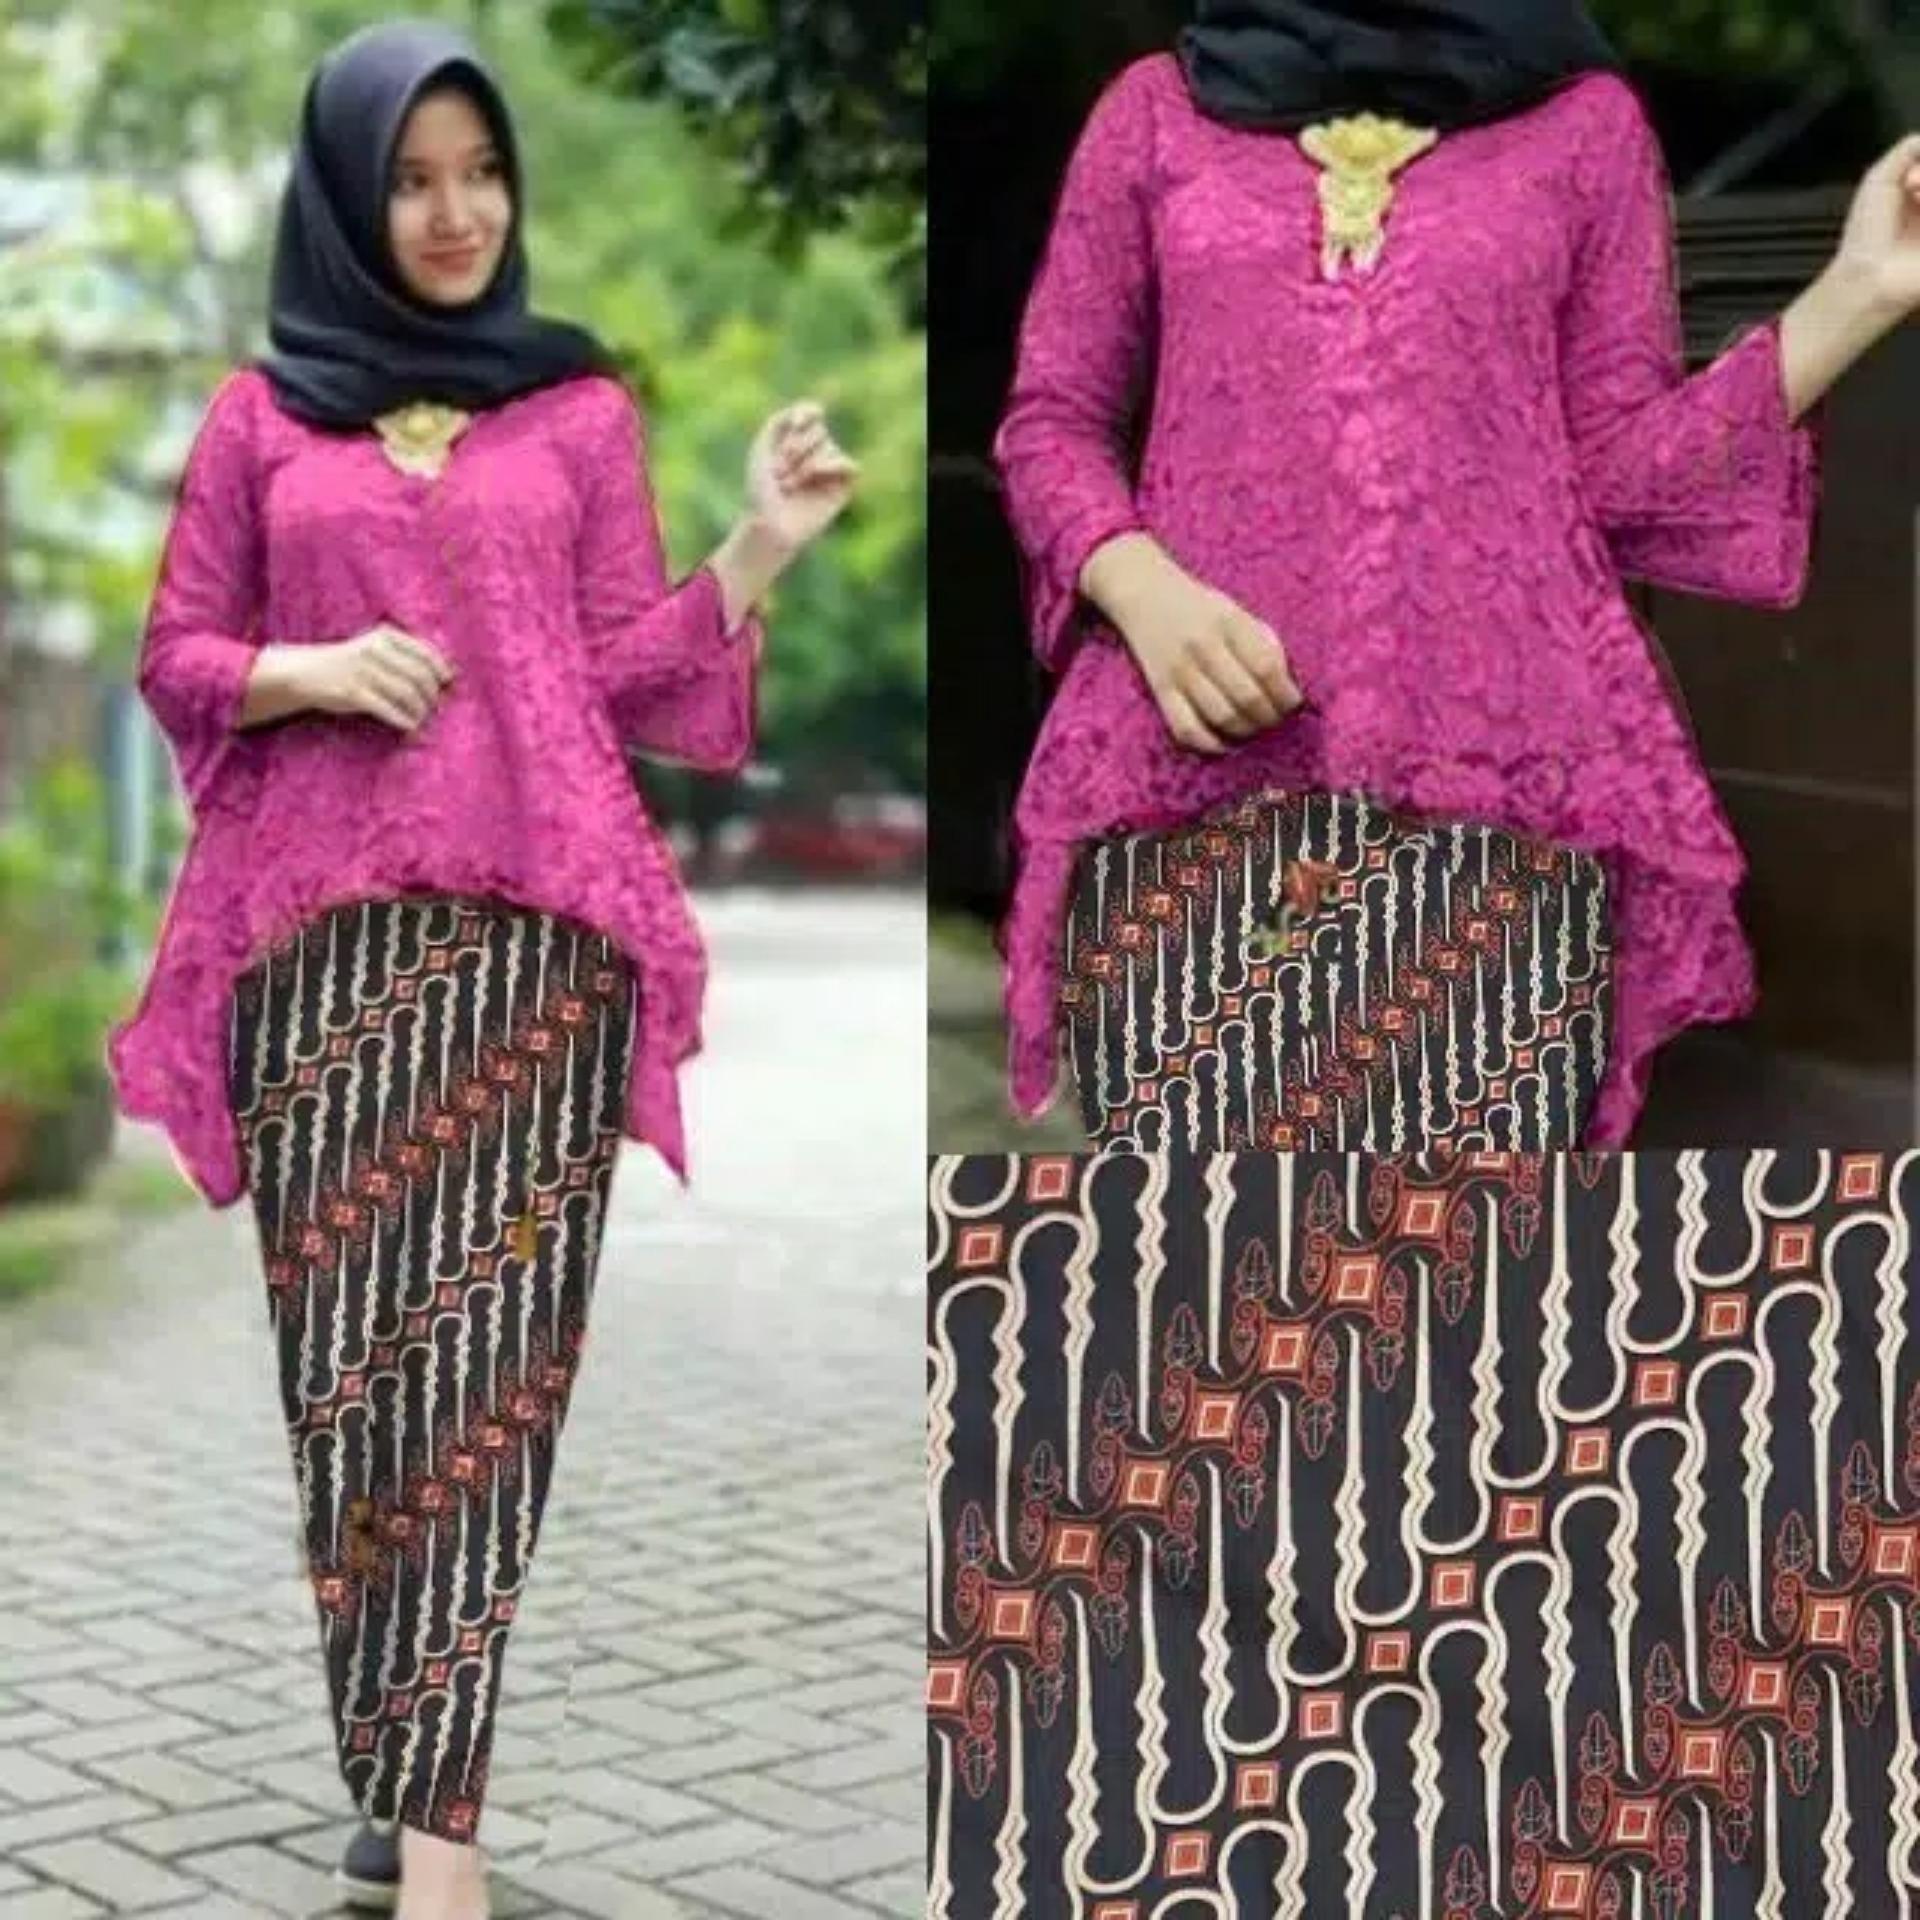 Jakstore Baju SETELAN atasan dan bawahan Setelan Blouse Kemeja wanita Long Dress Maxy Long Dress Wanita Gaun Panjang Gaun Wanita Tunik Wanita